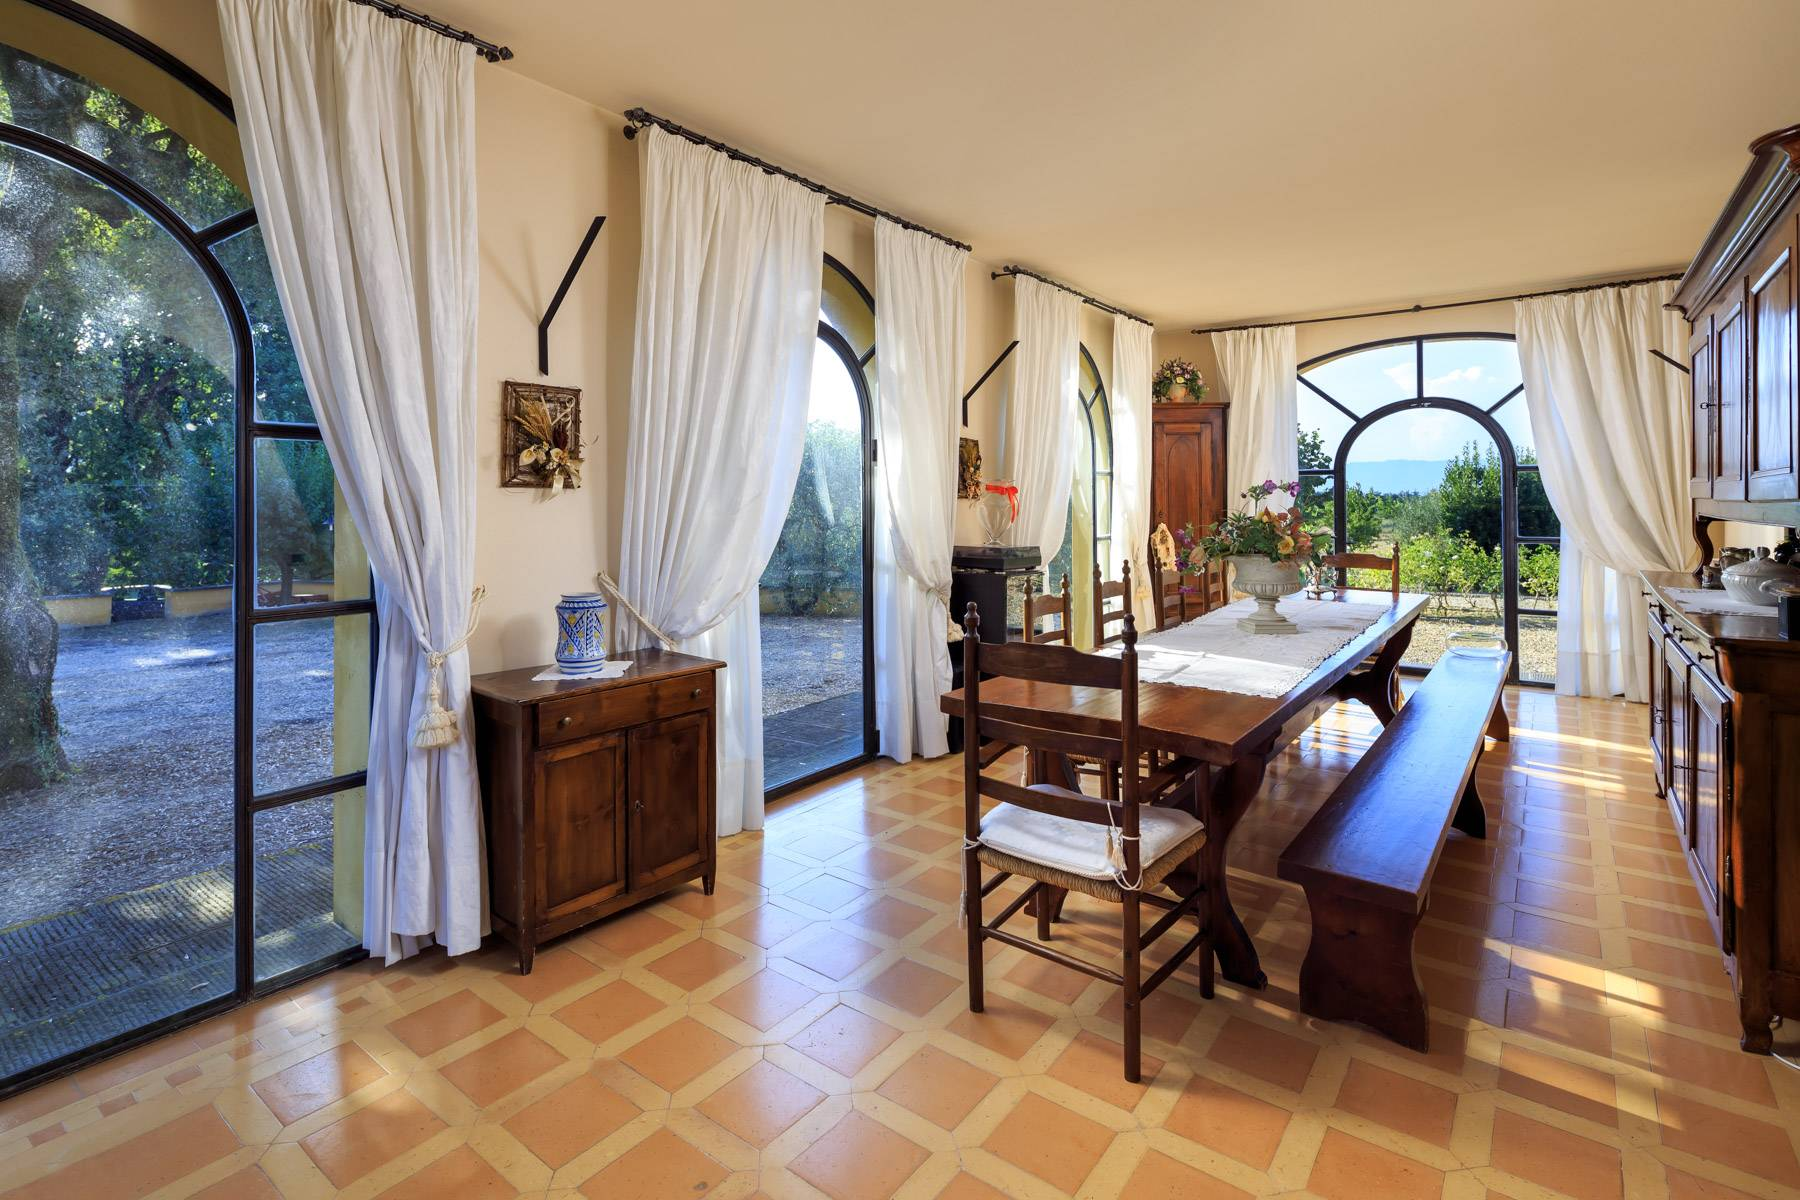 Villa in Vendita a Bientina: 5 locali, 500 mq - Foto 14